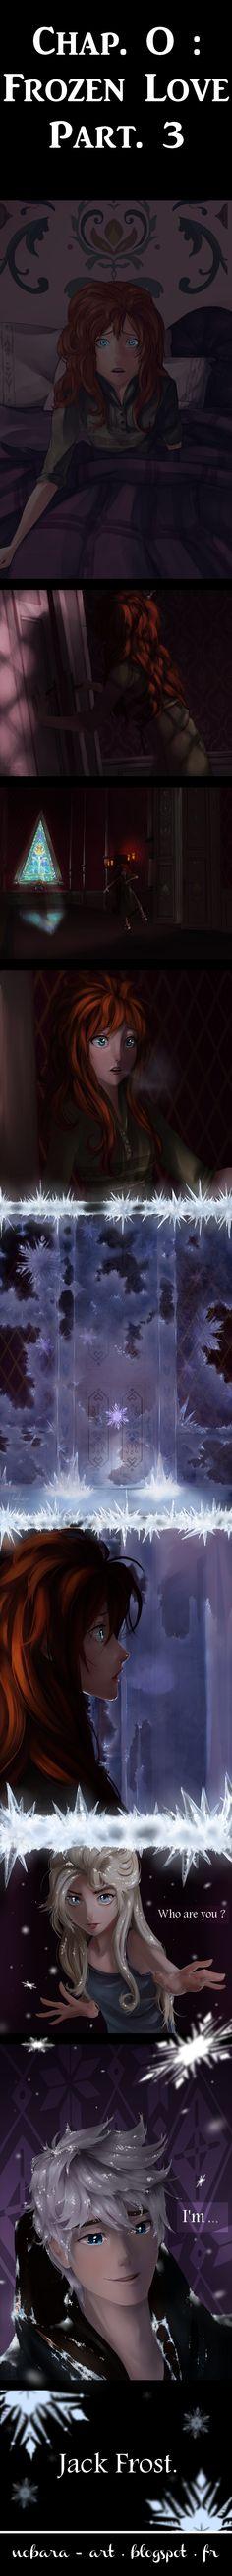 Frozen Love - Chap 0 part. 3 : by Wild-nobara.deviantart.com on @deviantART